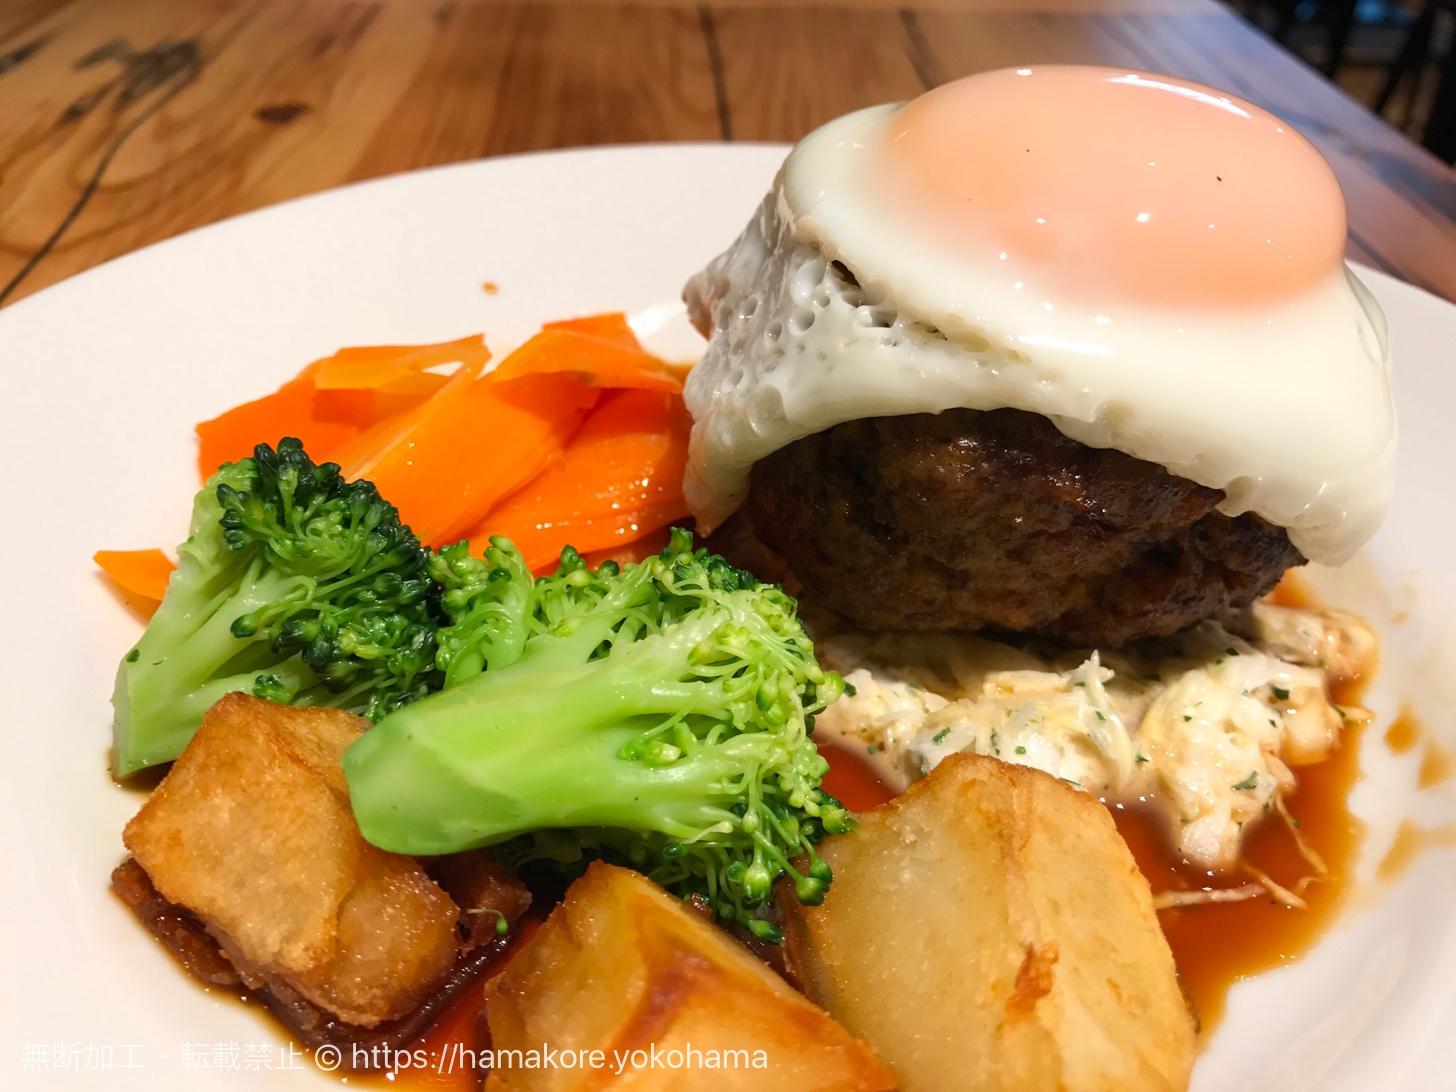 横浜駅「ハウスメイド」は朝10時からランチ提供!国産牛100%ハンバーグを食べてきた